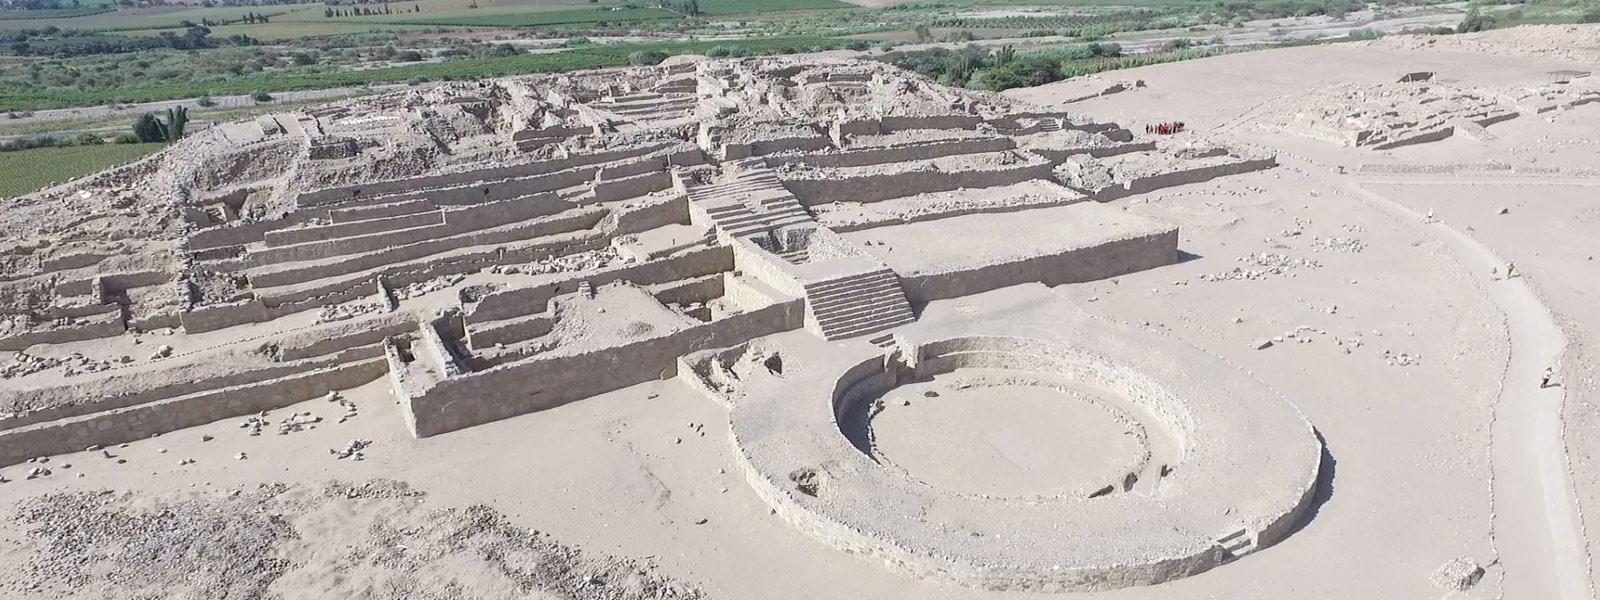 Caral, la ciudad más longeva de Latinoamérica (Perú)